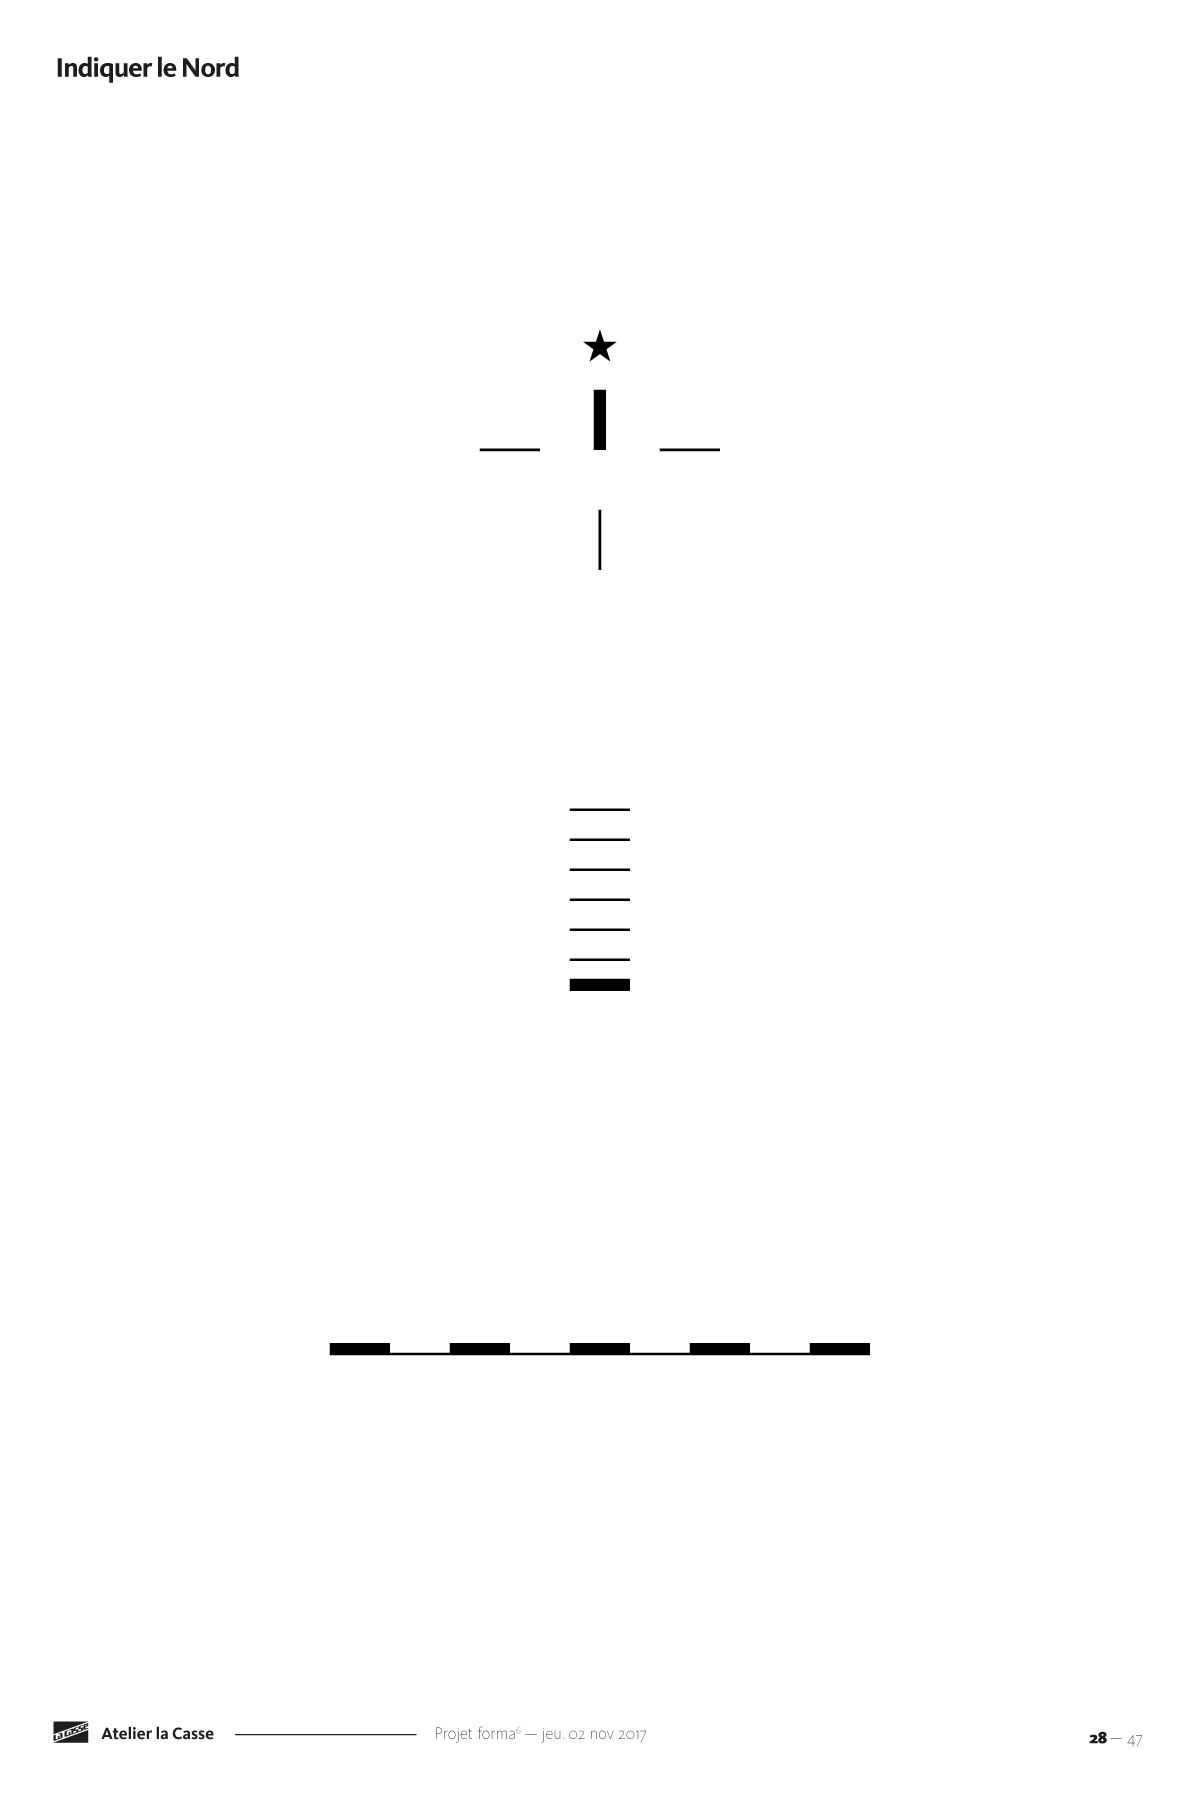 Des pictogrammes ont été spécialement désigné pour l'agence forma6